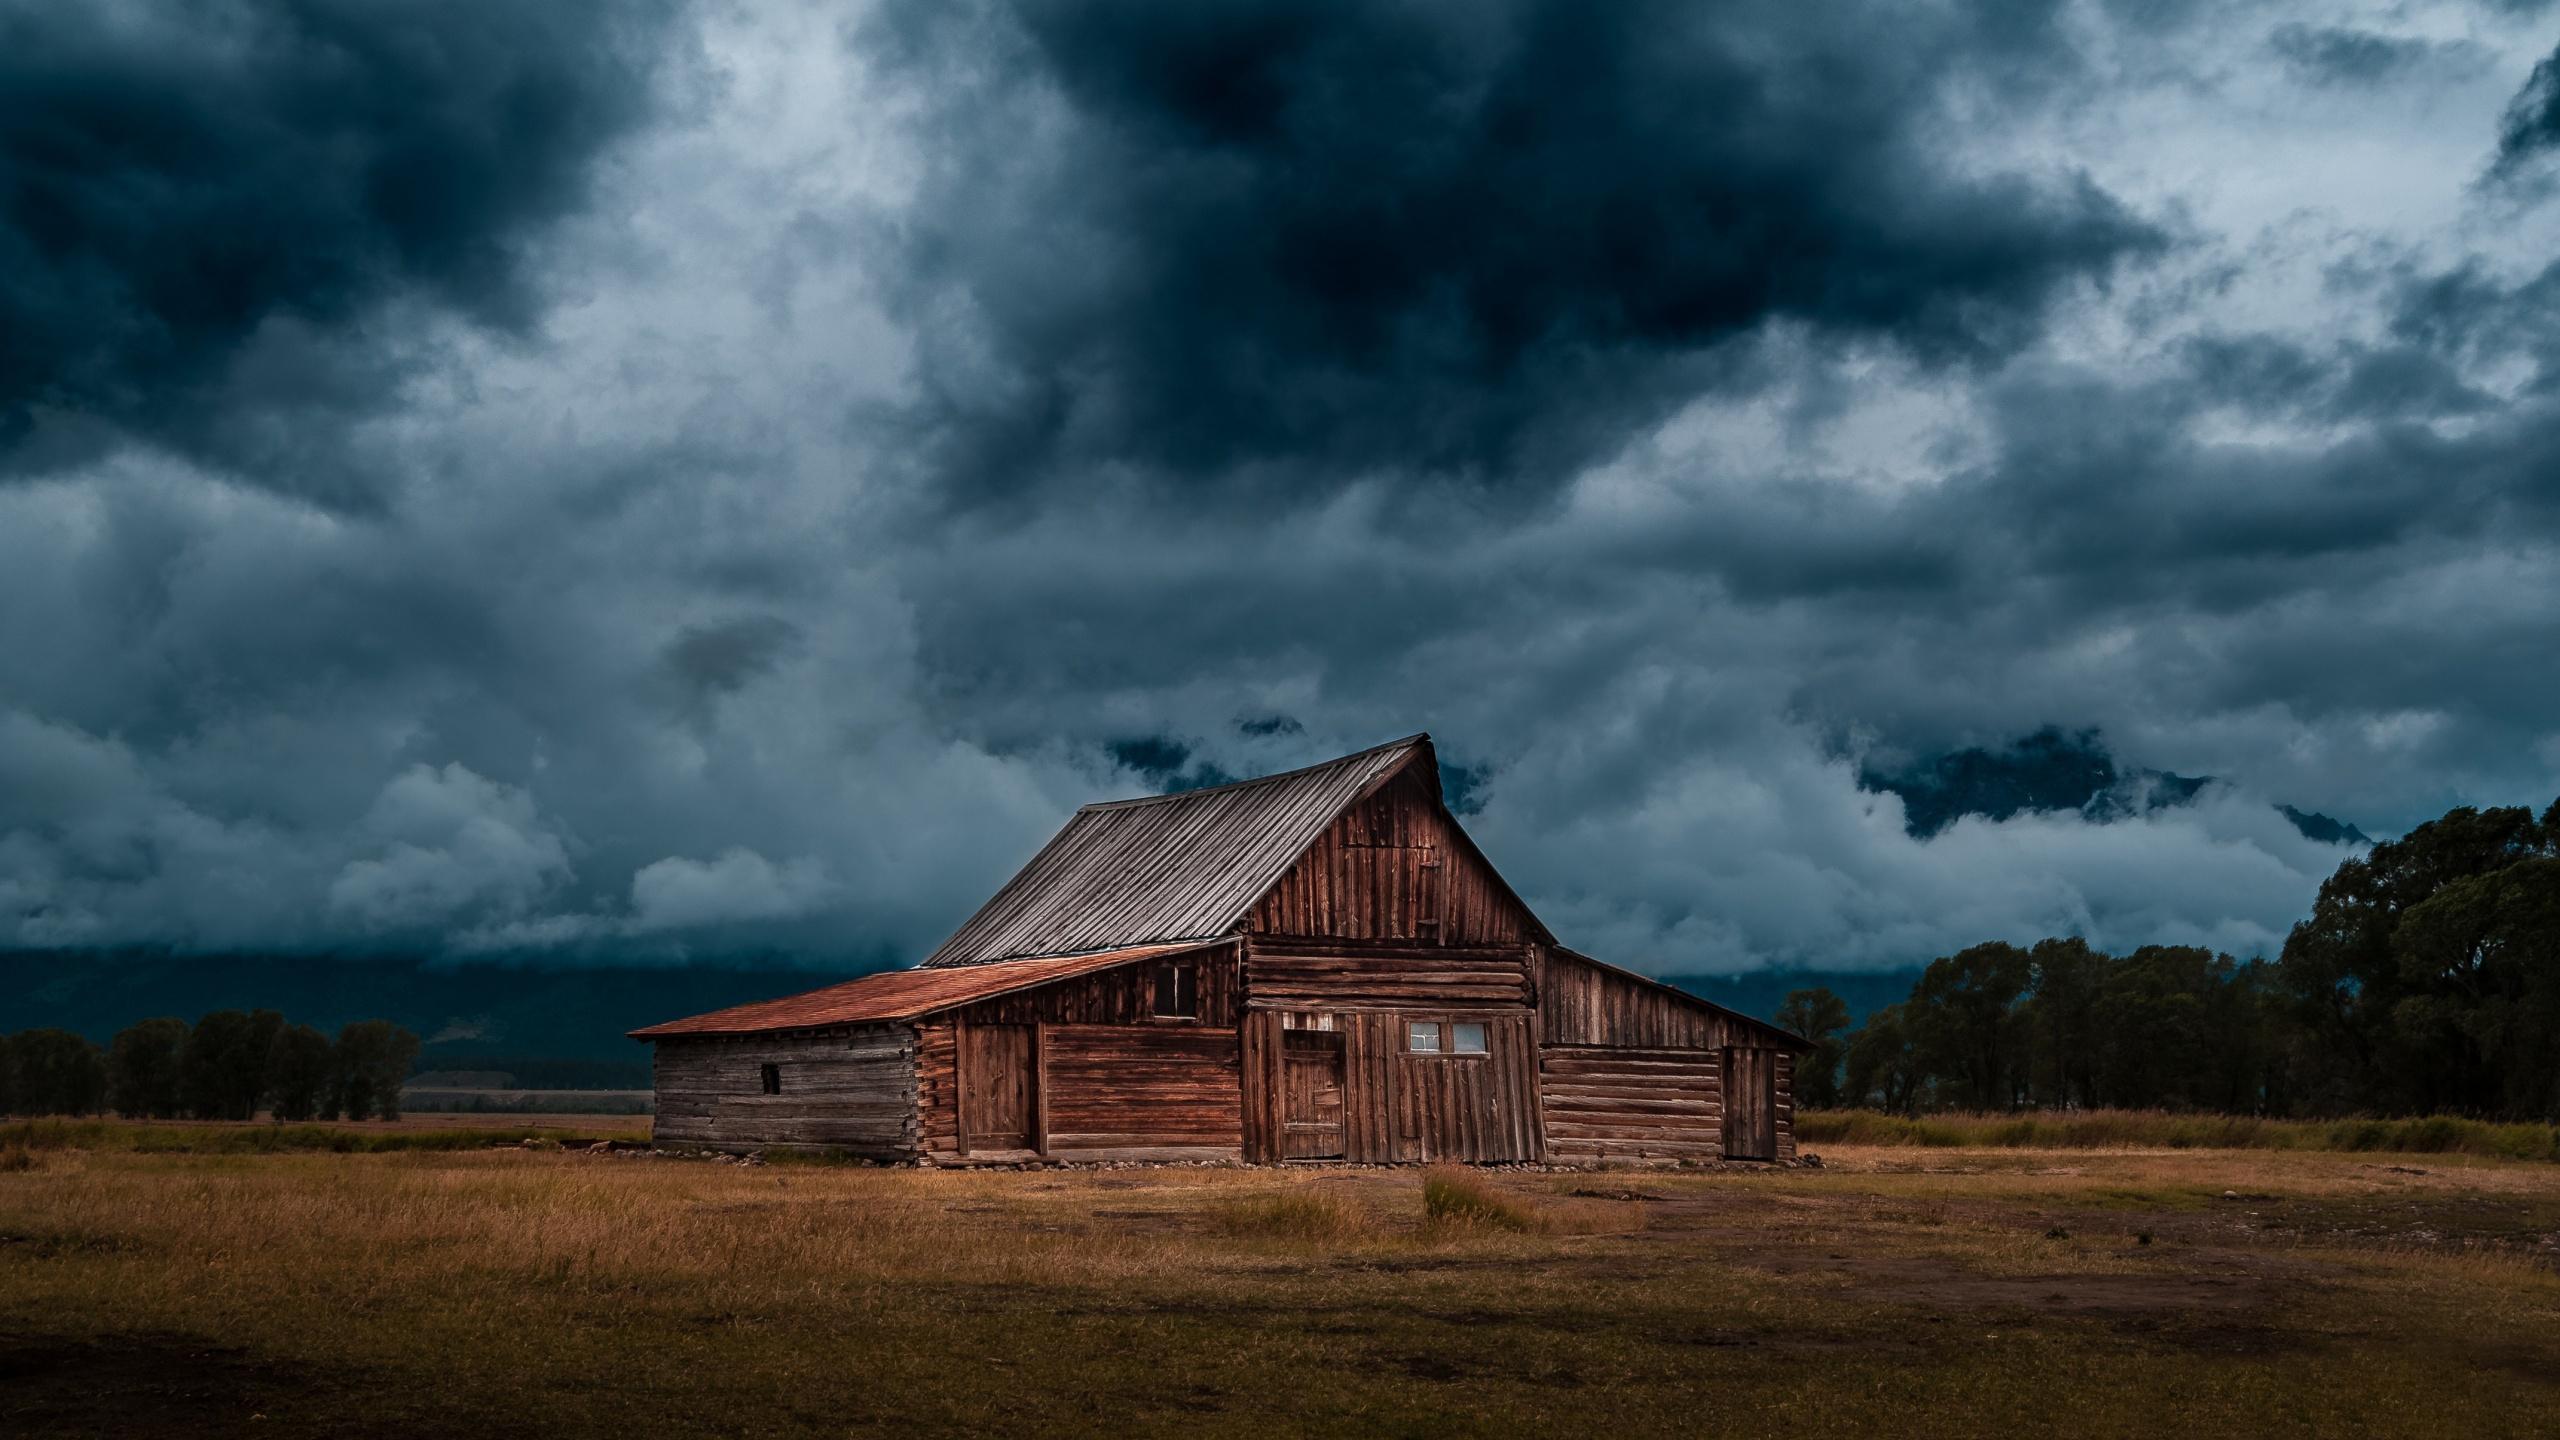 Dark Storm Clouds HD wallpaper 2560x1440